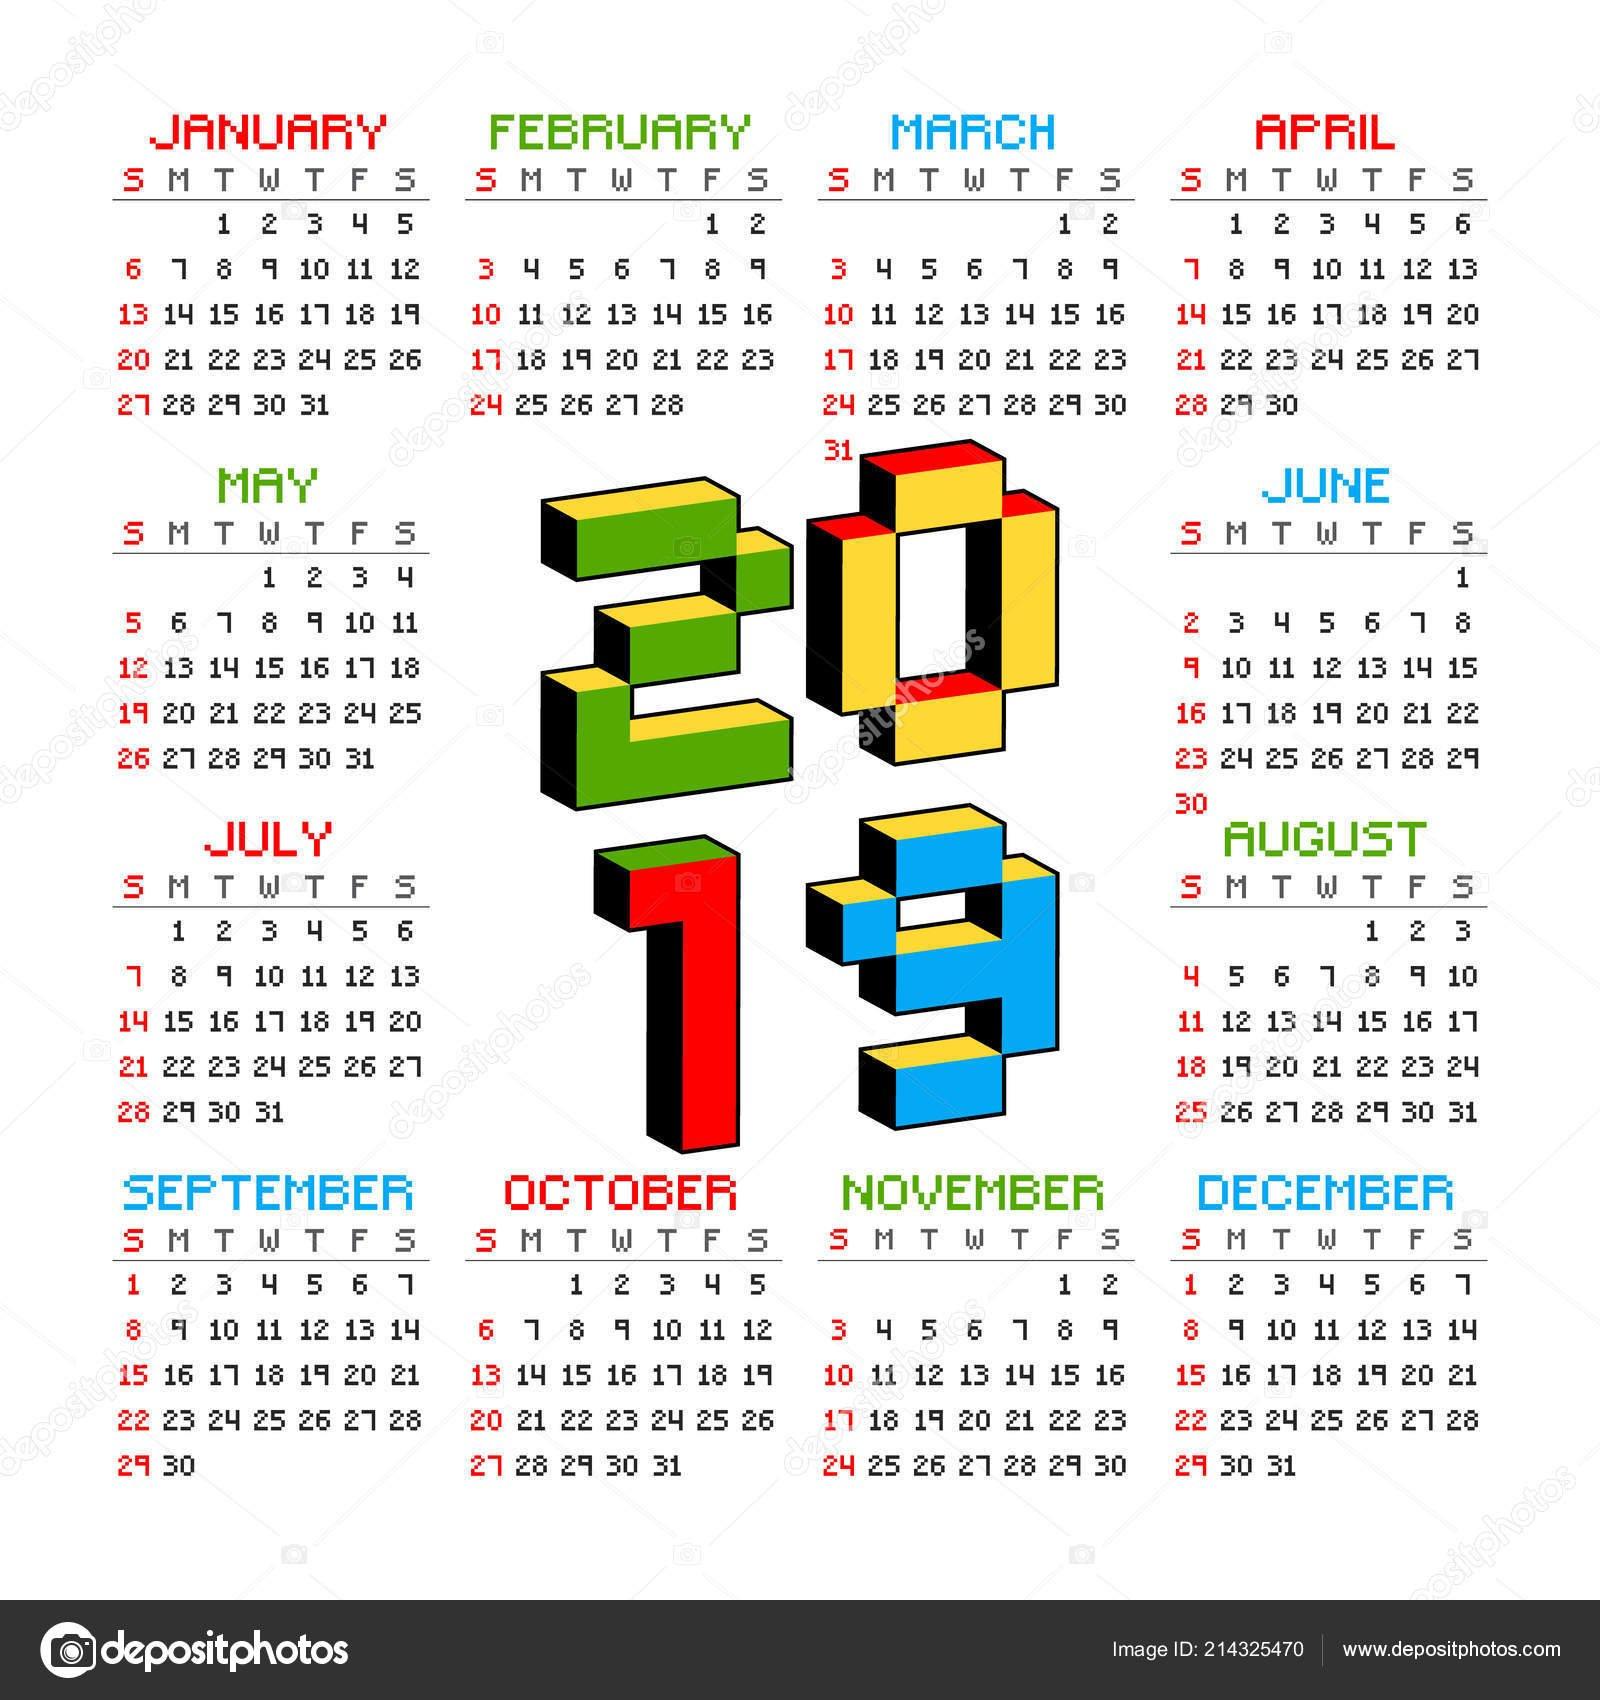 2019 Календарь На Белом Фоне В Стиле Старых 8 Битных Видео Игр Calendar En 8 2019